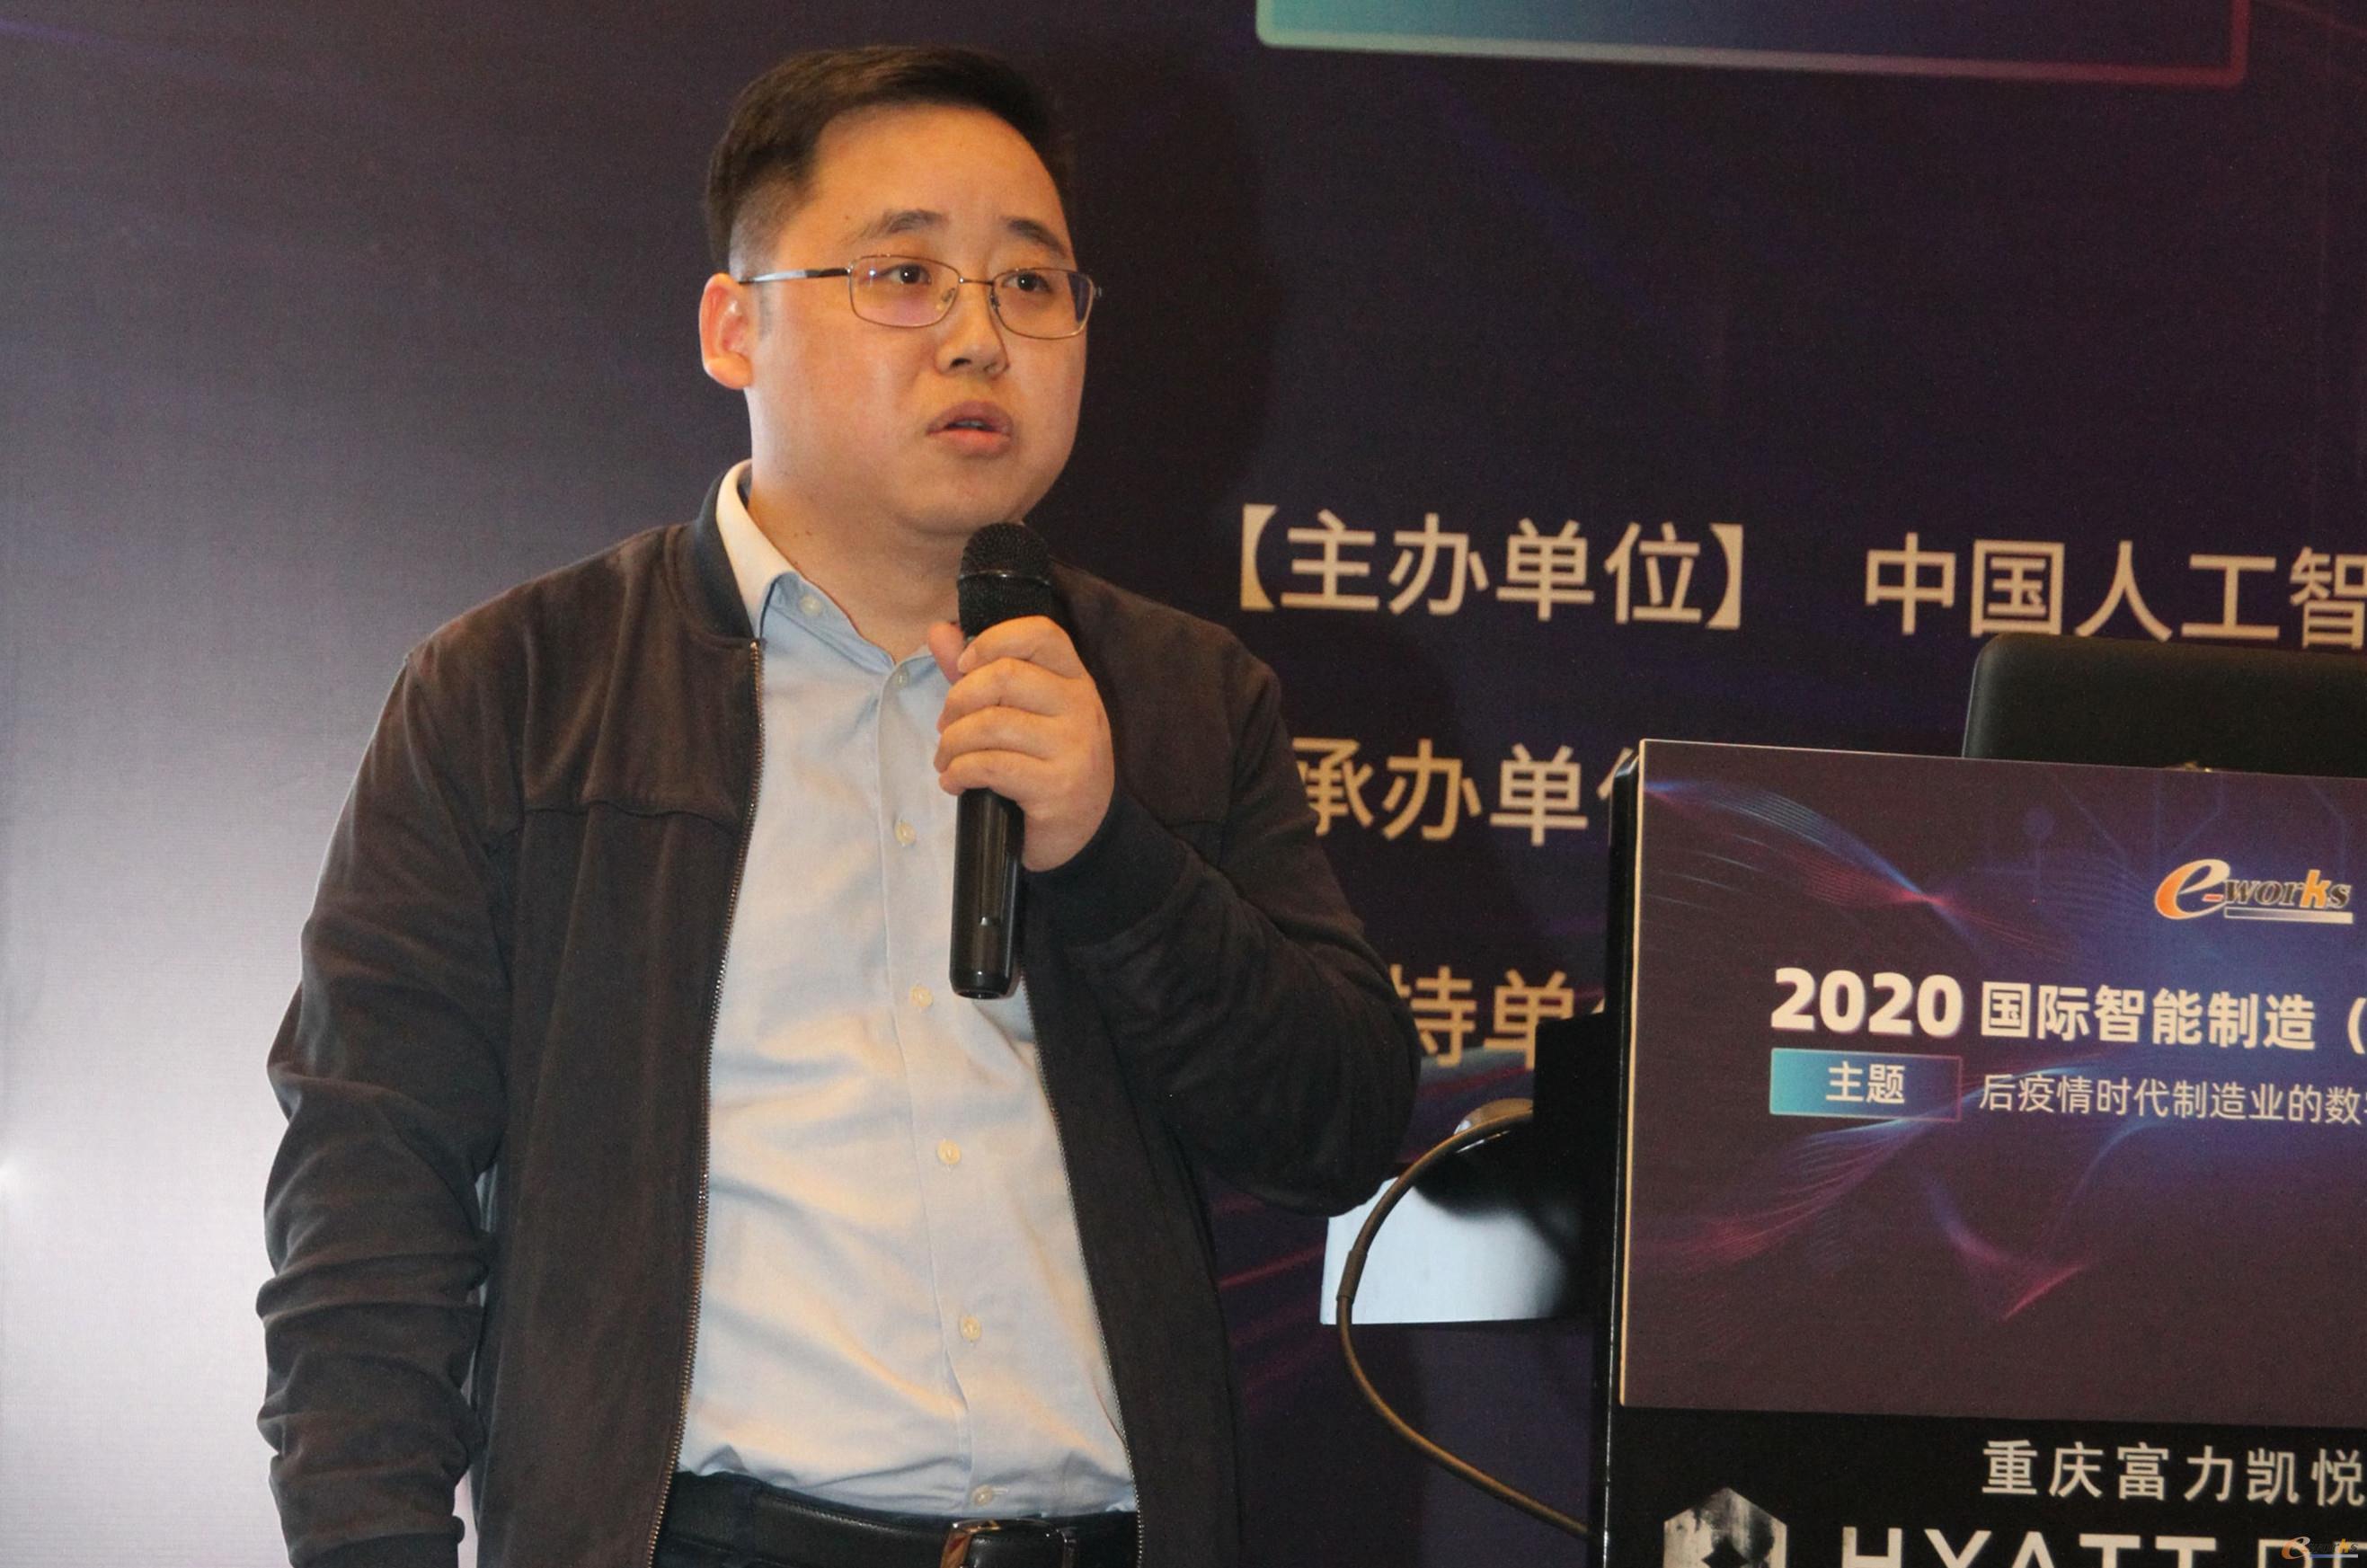 重庆机电智能制造有限公司产业技术部王俊部长